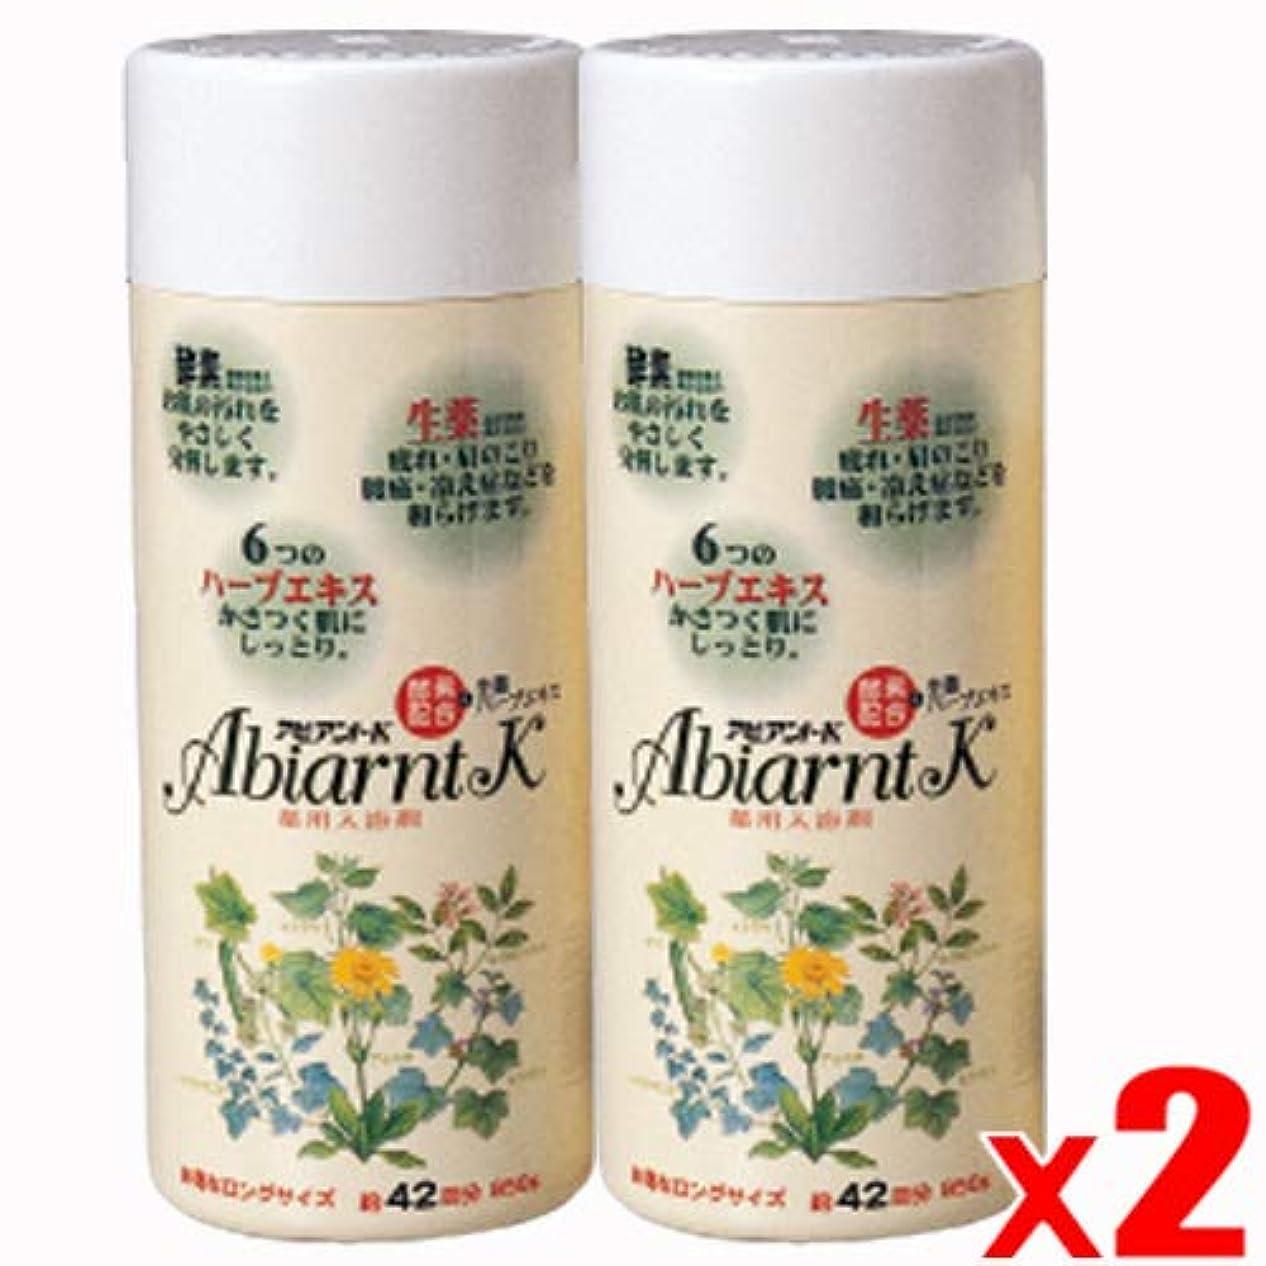 エッセイコロニアルマスタード【2本】アビアントK 薬用入浴剤 850gx2本 (4987235024123-2)